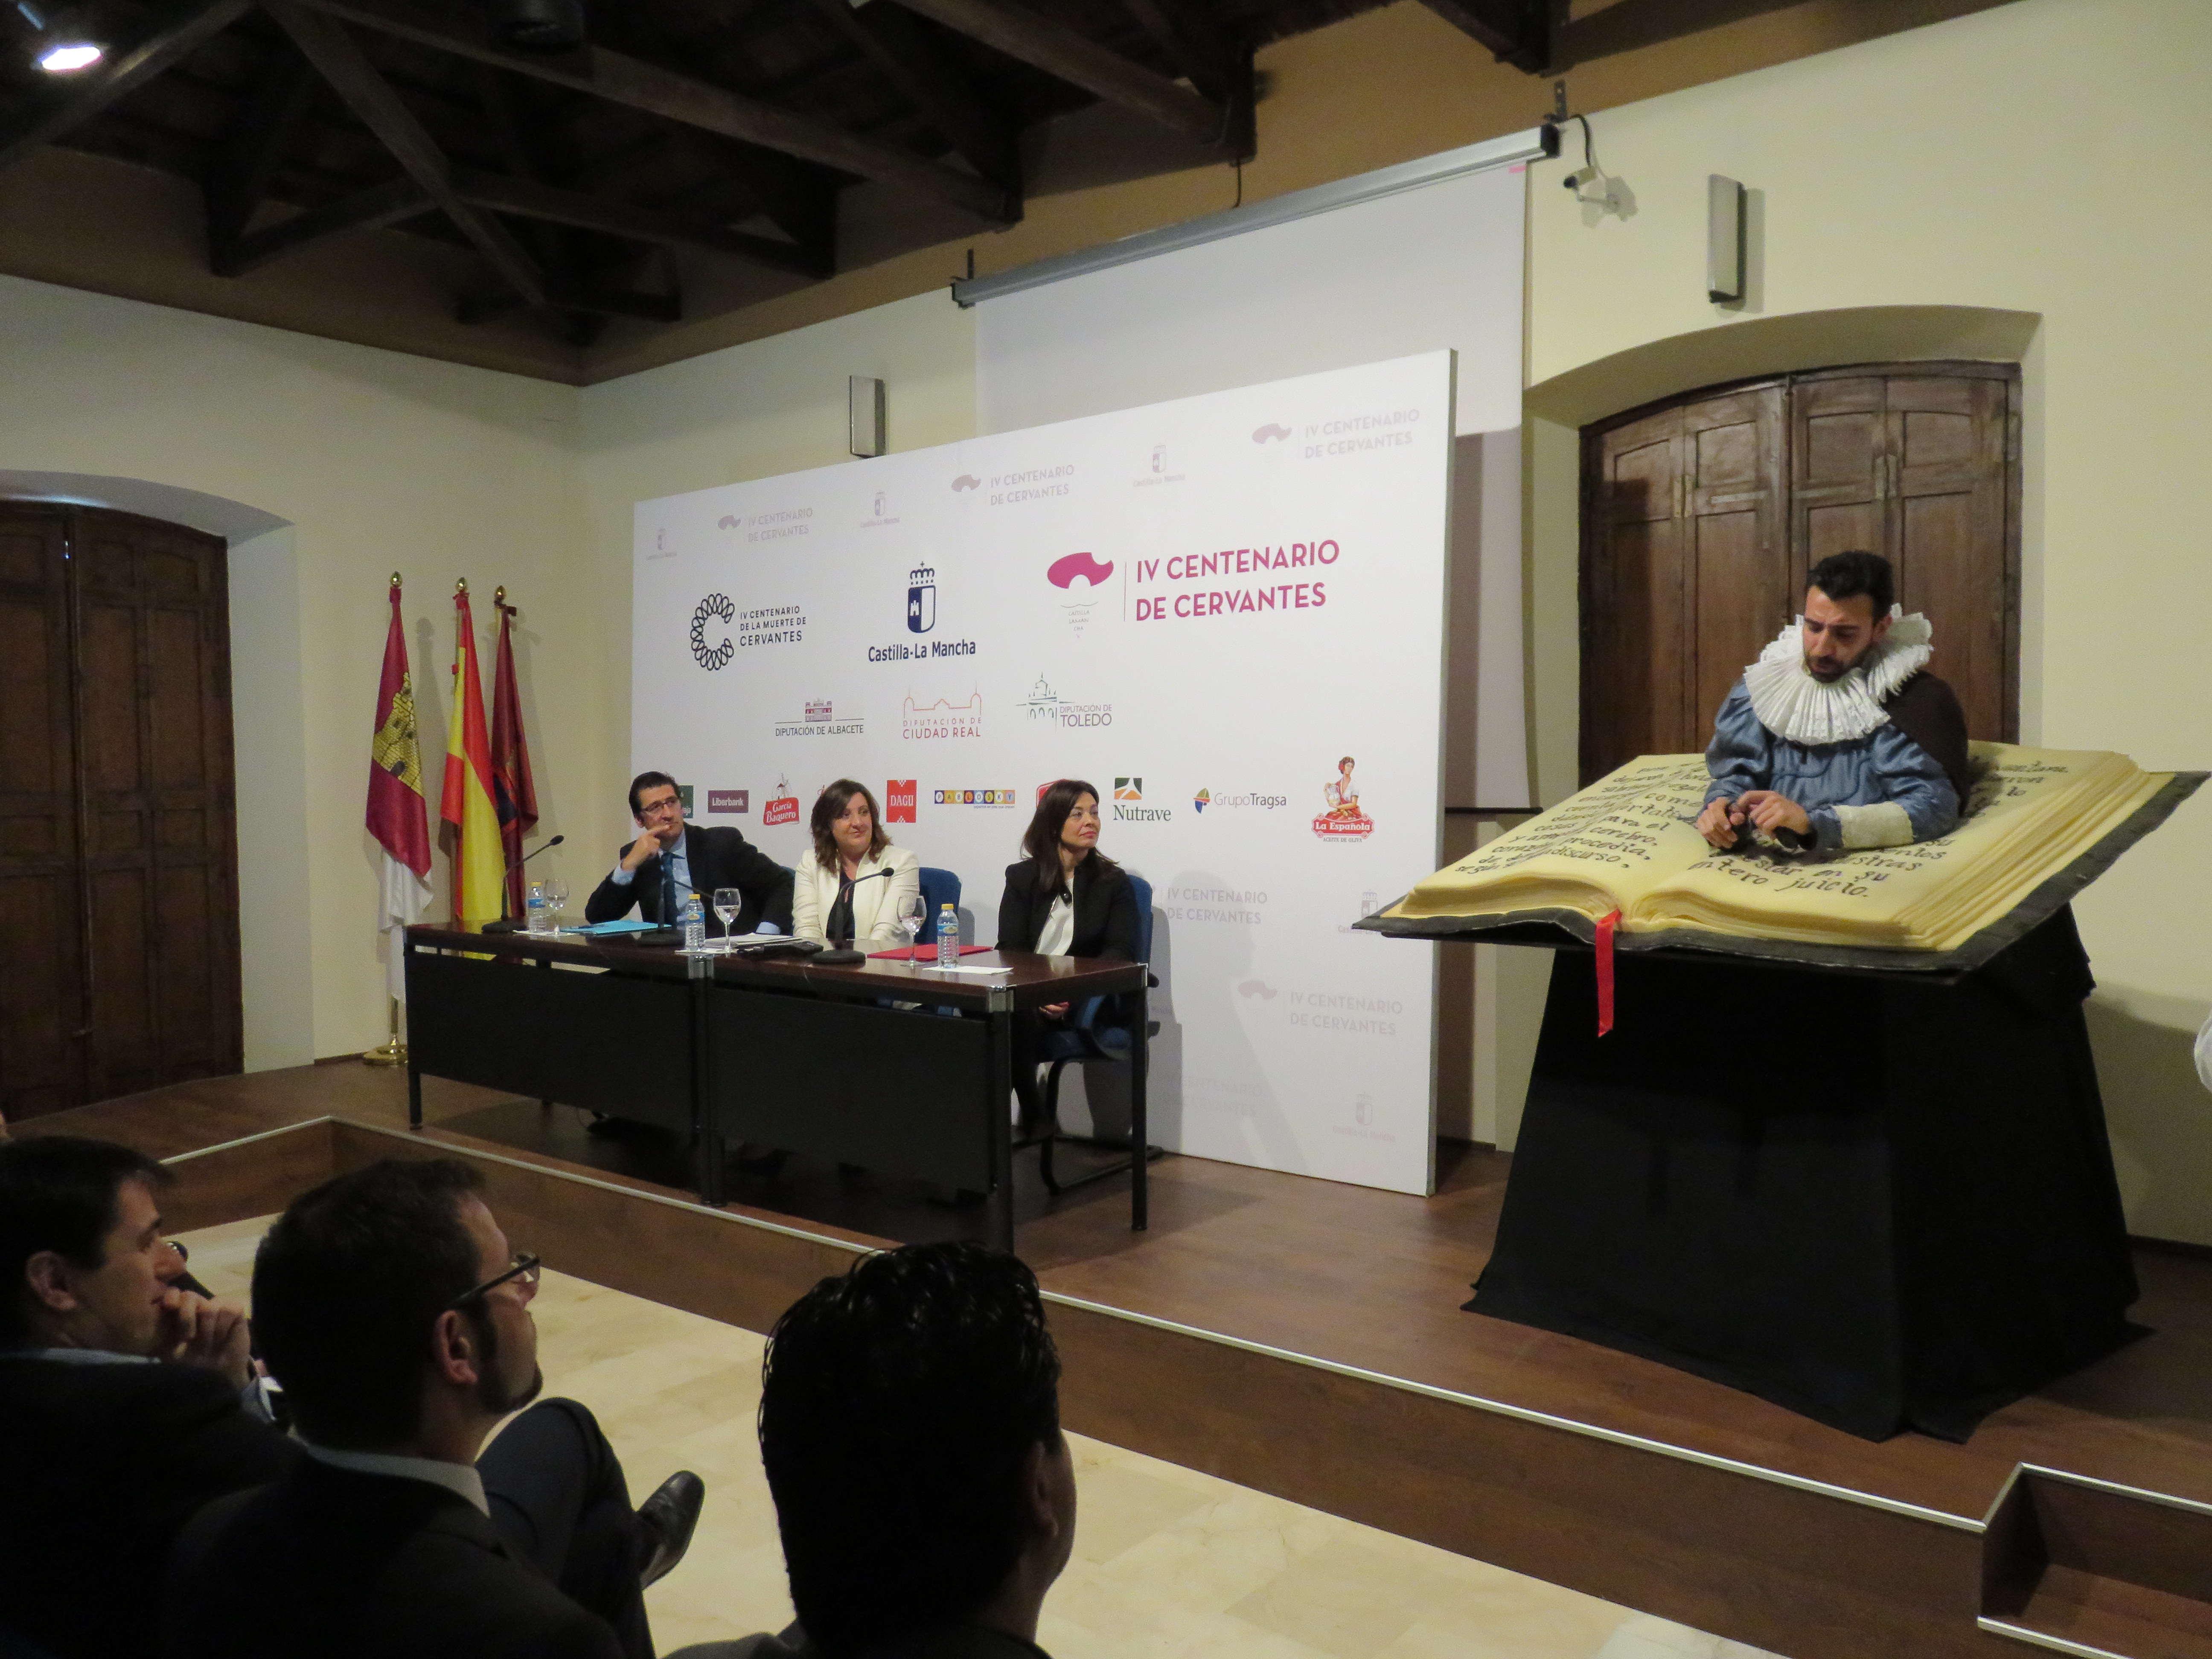 acto de presentacion acciones quijote ciudad real - Nuevas señales cervantinas para Herencia y otras 8 localidades ciudadrealeñas